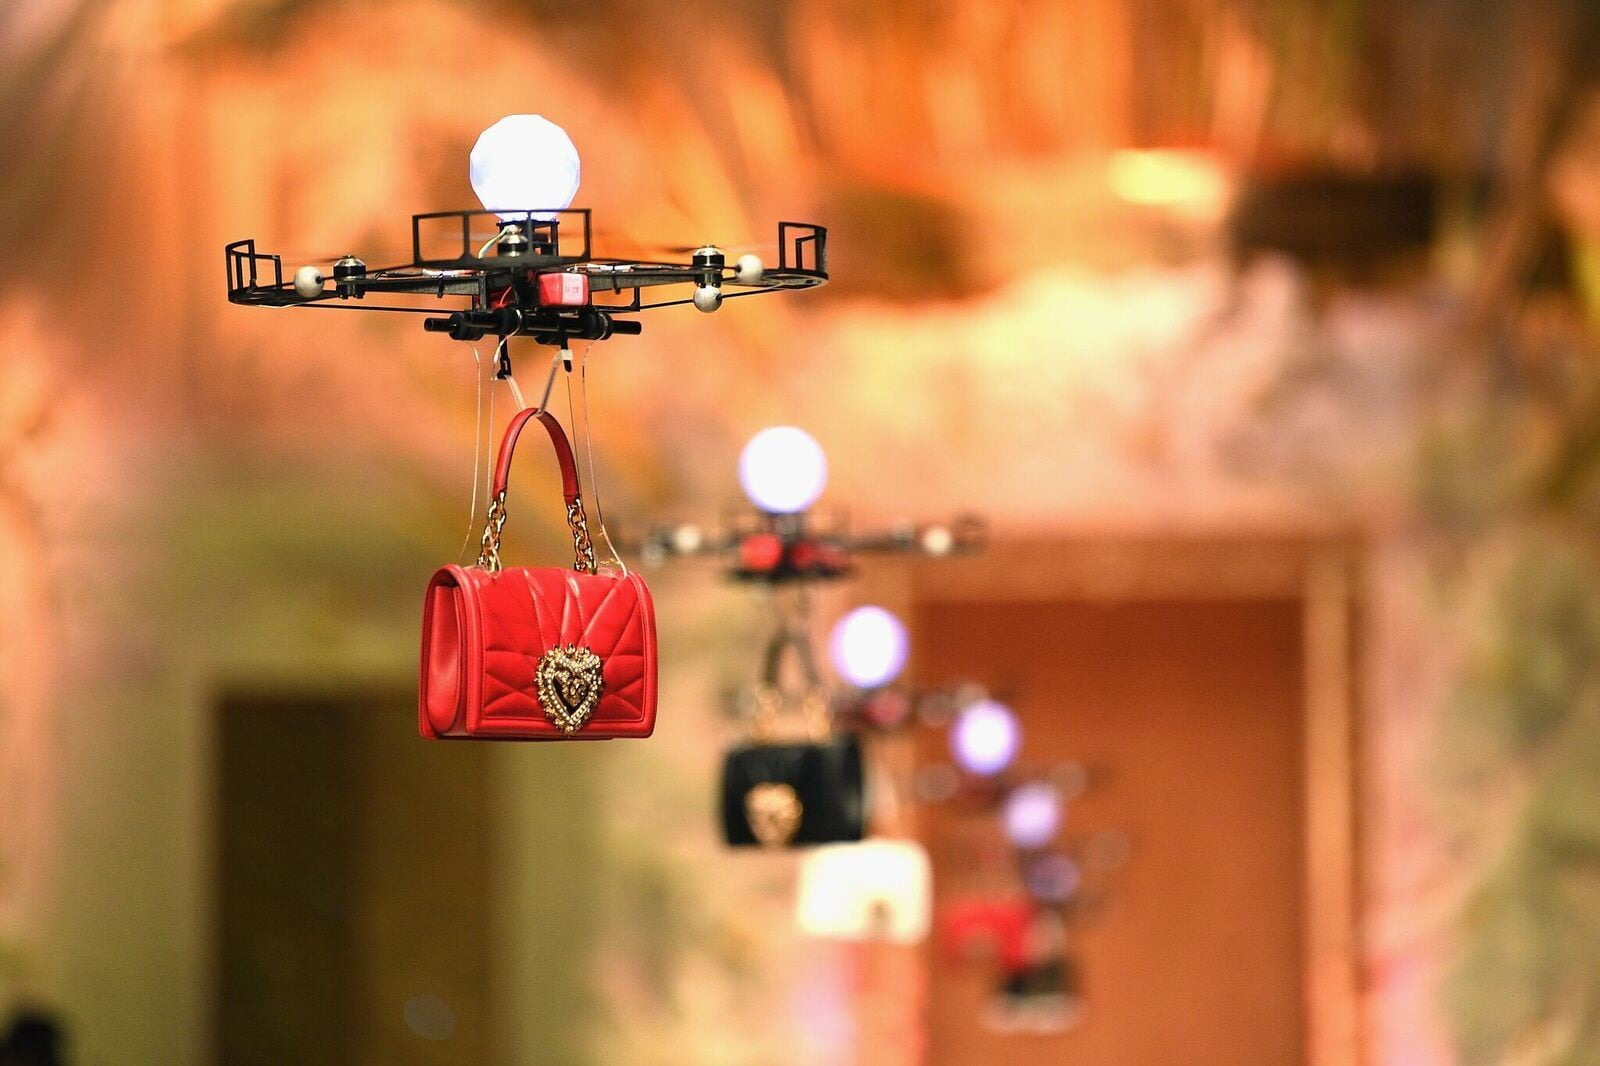 Dolce & Gabanna realiza desfile de moda con drones